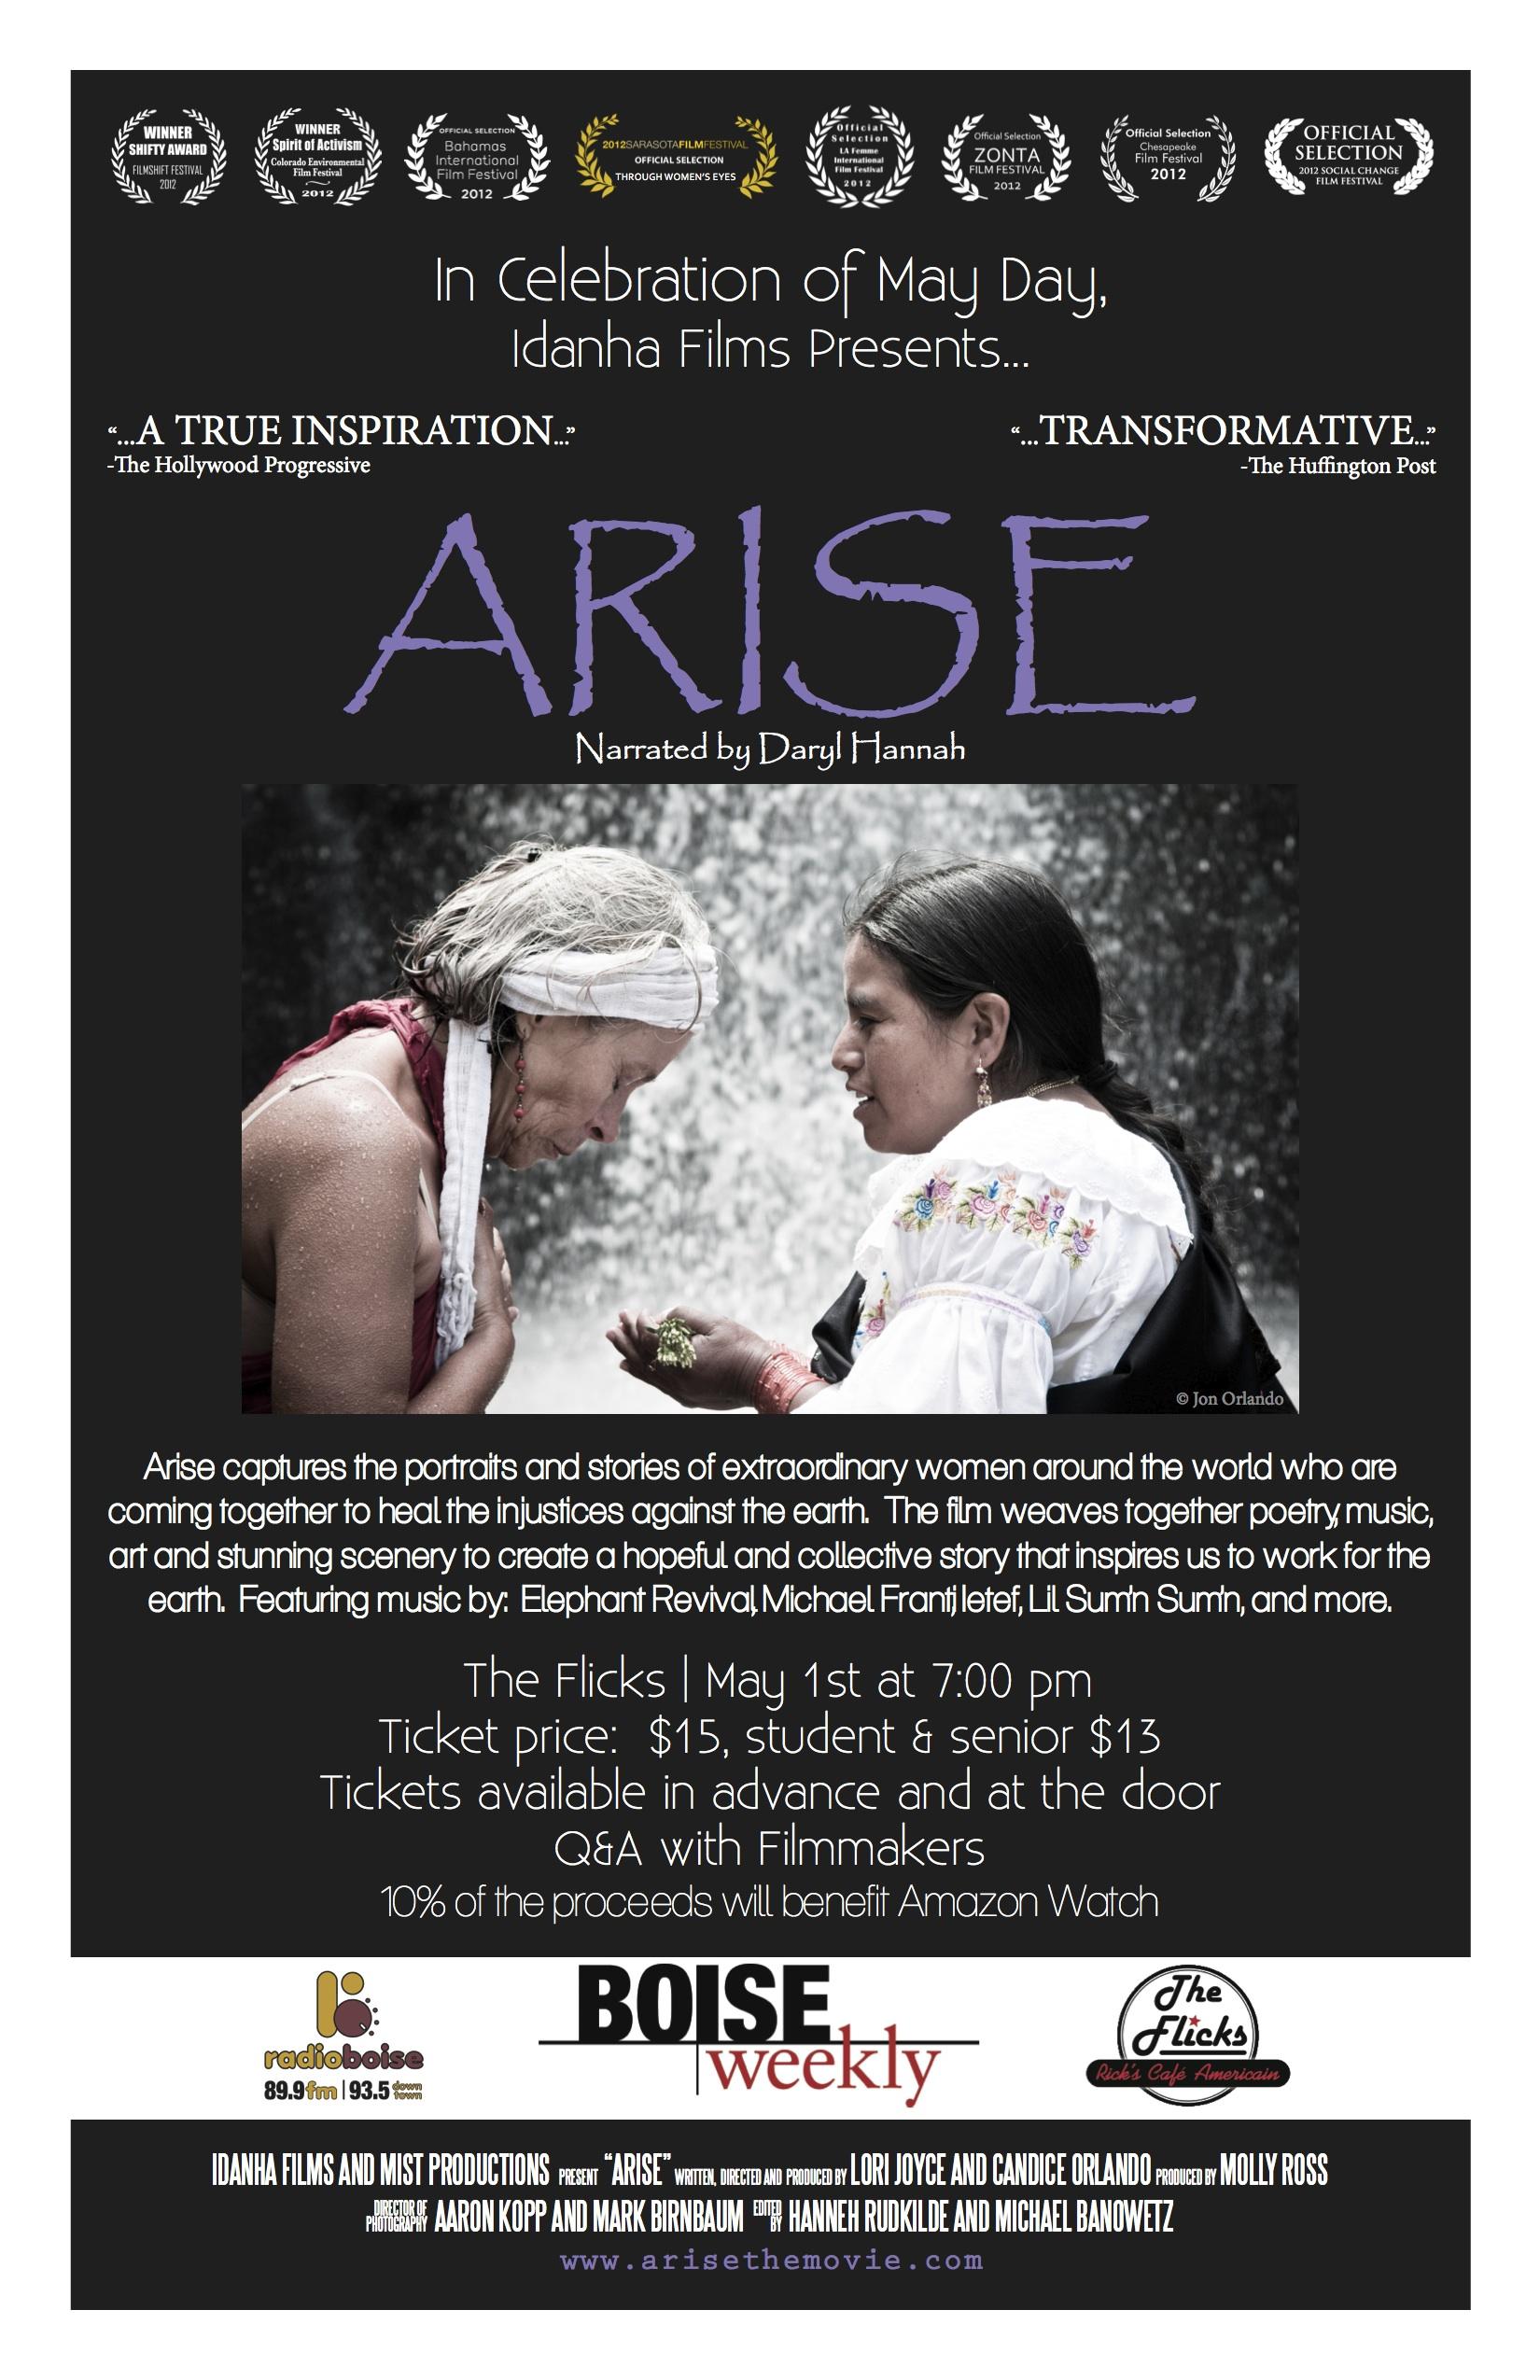 Boise april 2013 Arise poster - revised copy